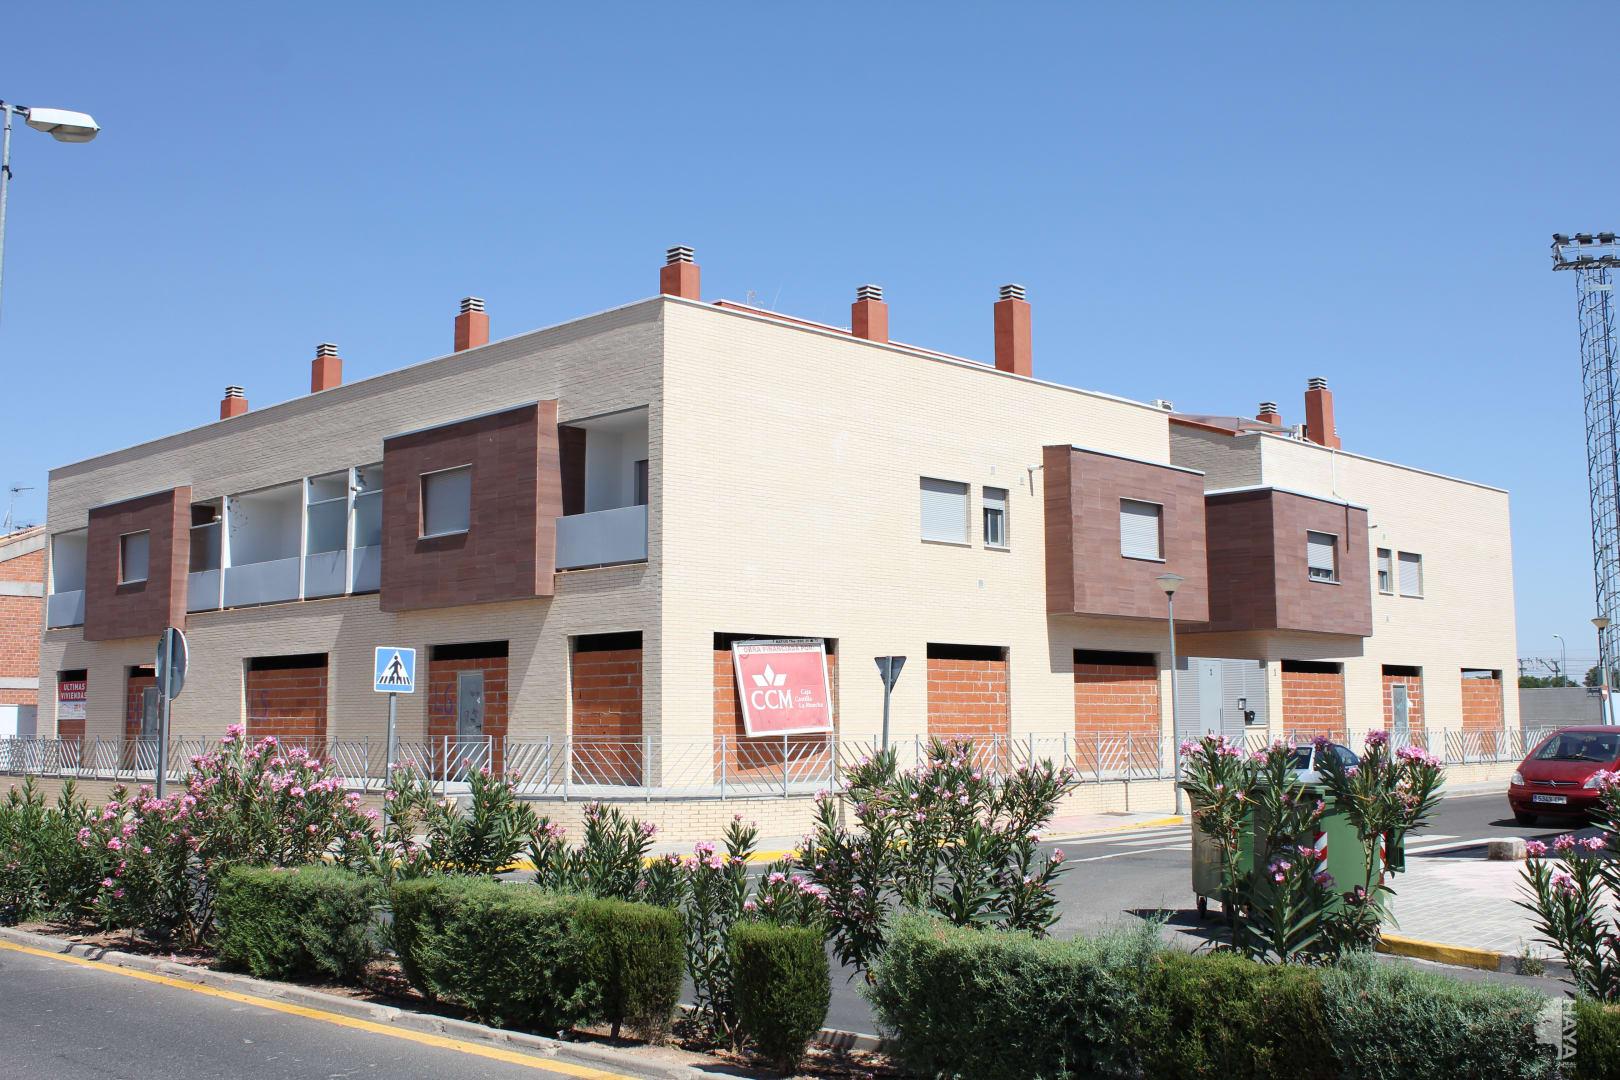 Piso en venta en Miguelturra, Ciudad Real, Calle Chavela Vargas, 71.500 €, 2 habitaciones, 1 baño, 121 m2